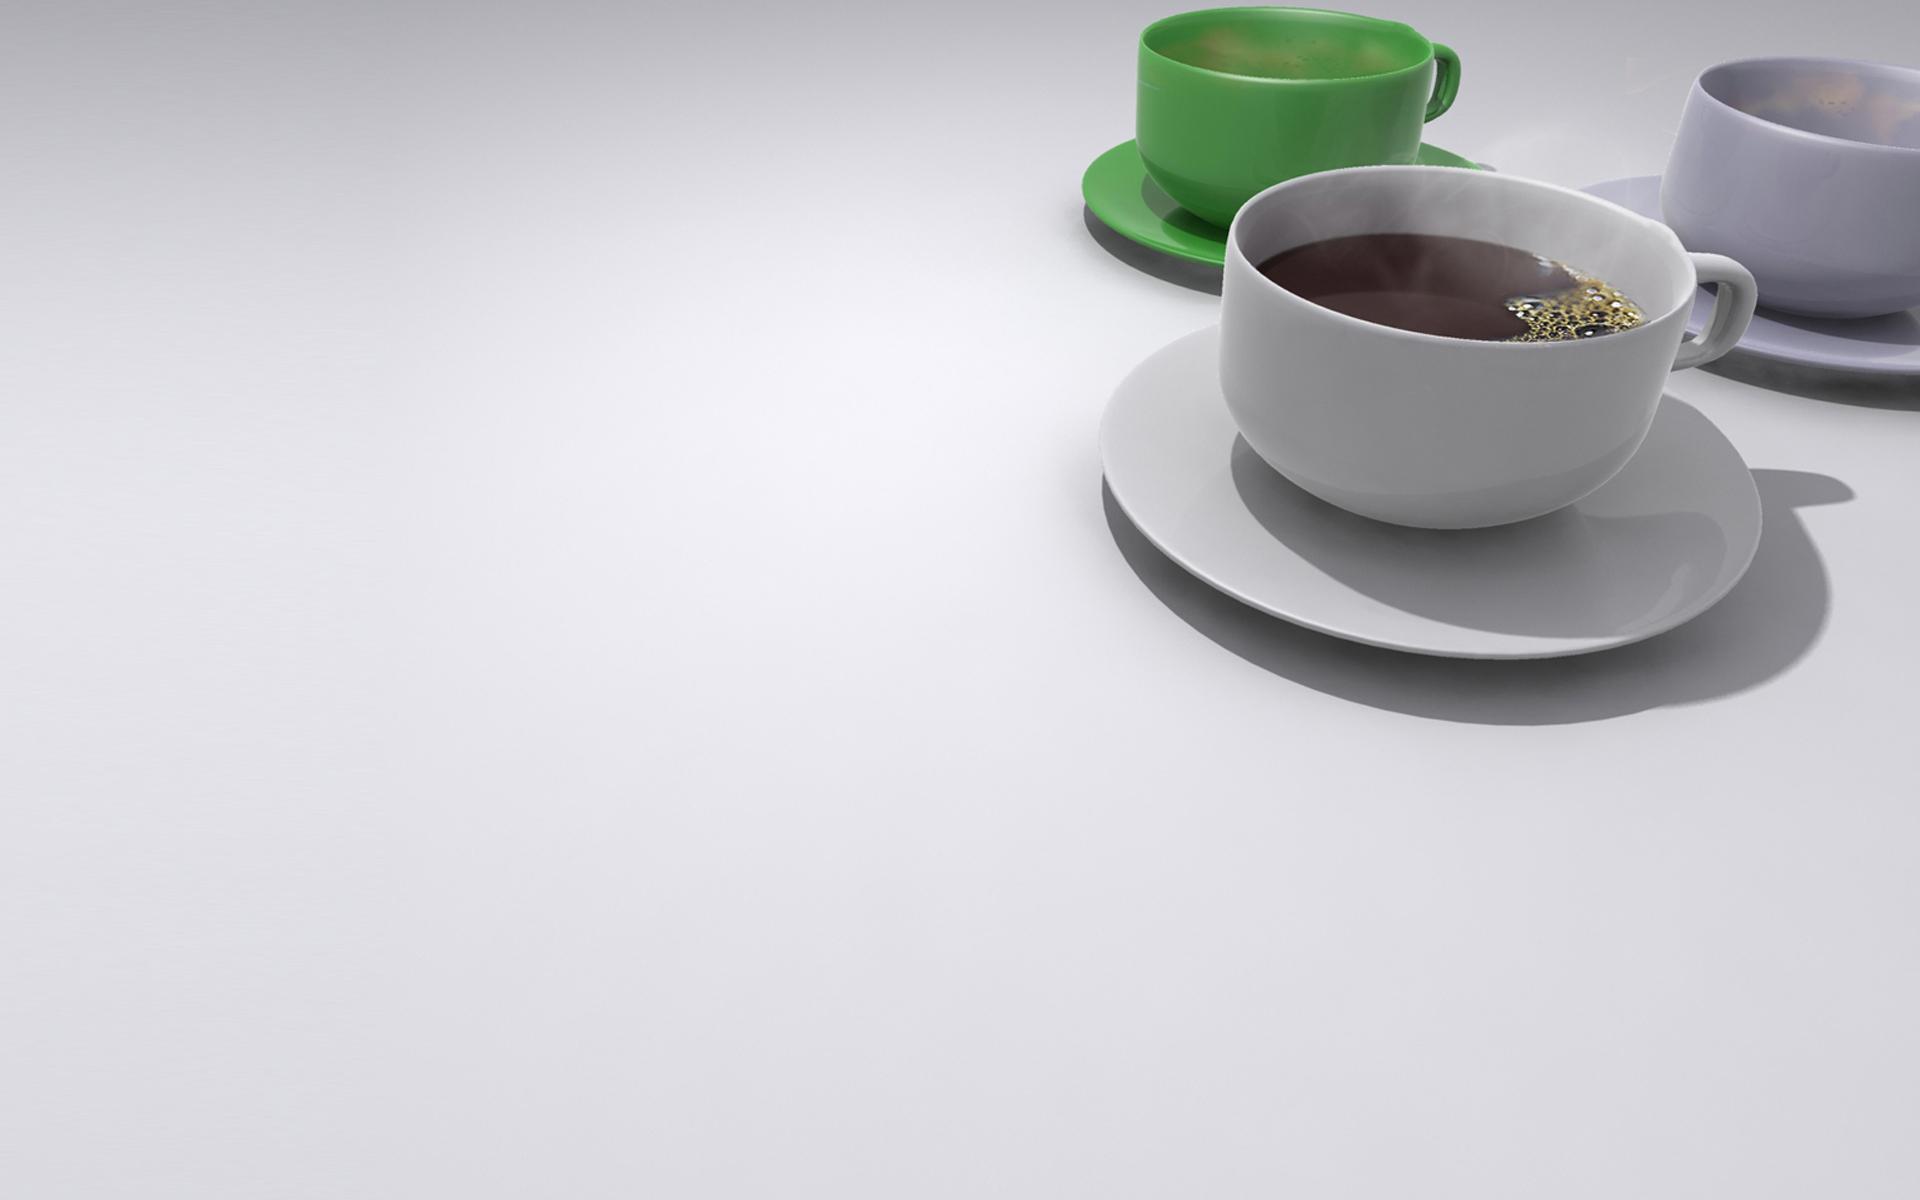 Кафе-позадина за вашиот десктоп #14